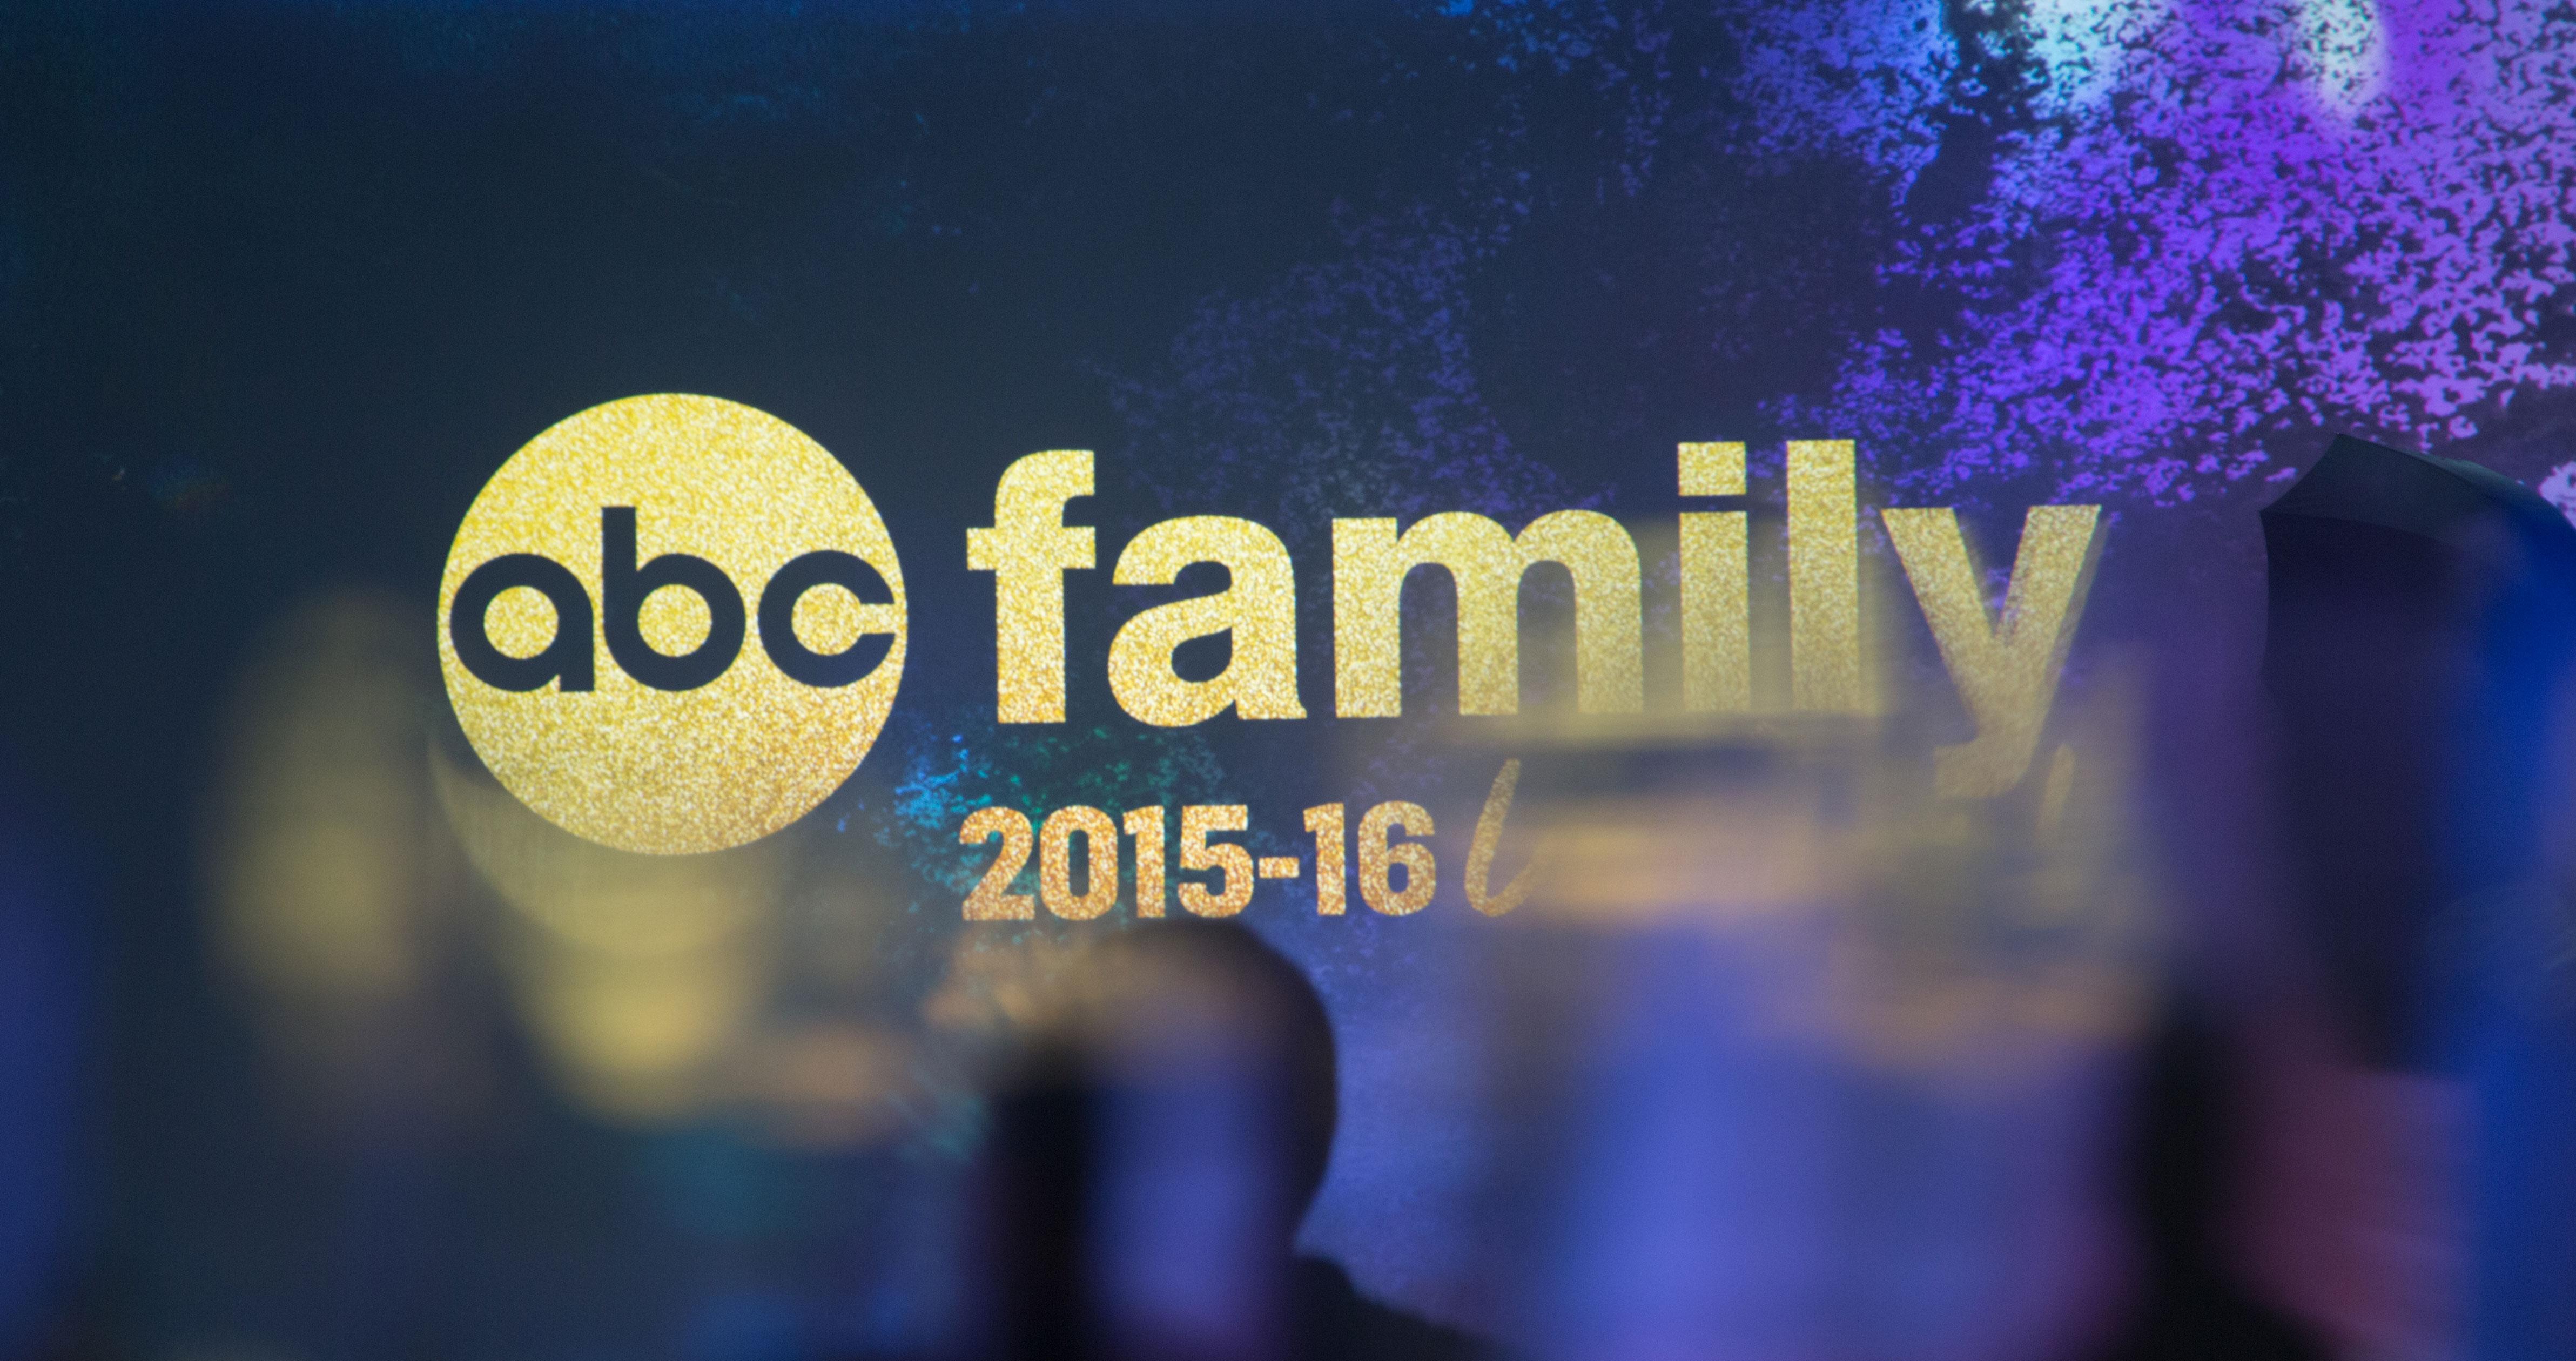 LEECZ_WEB_ABC1